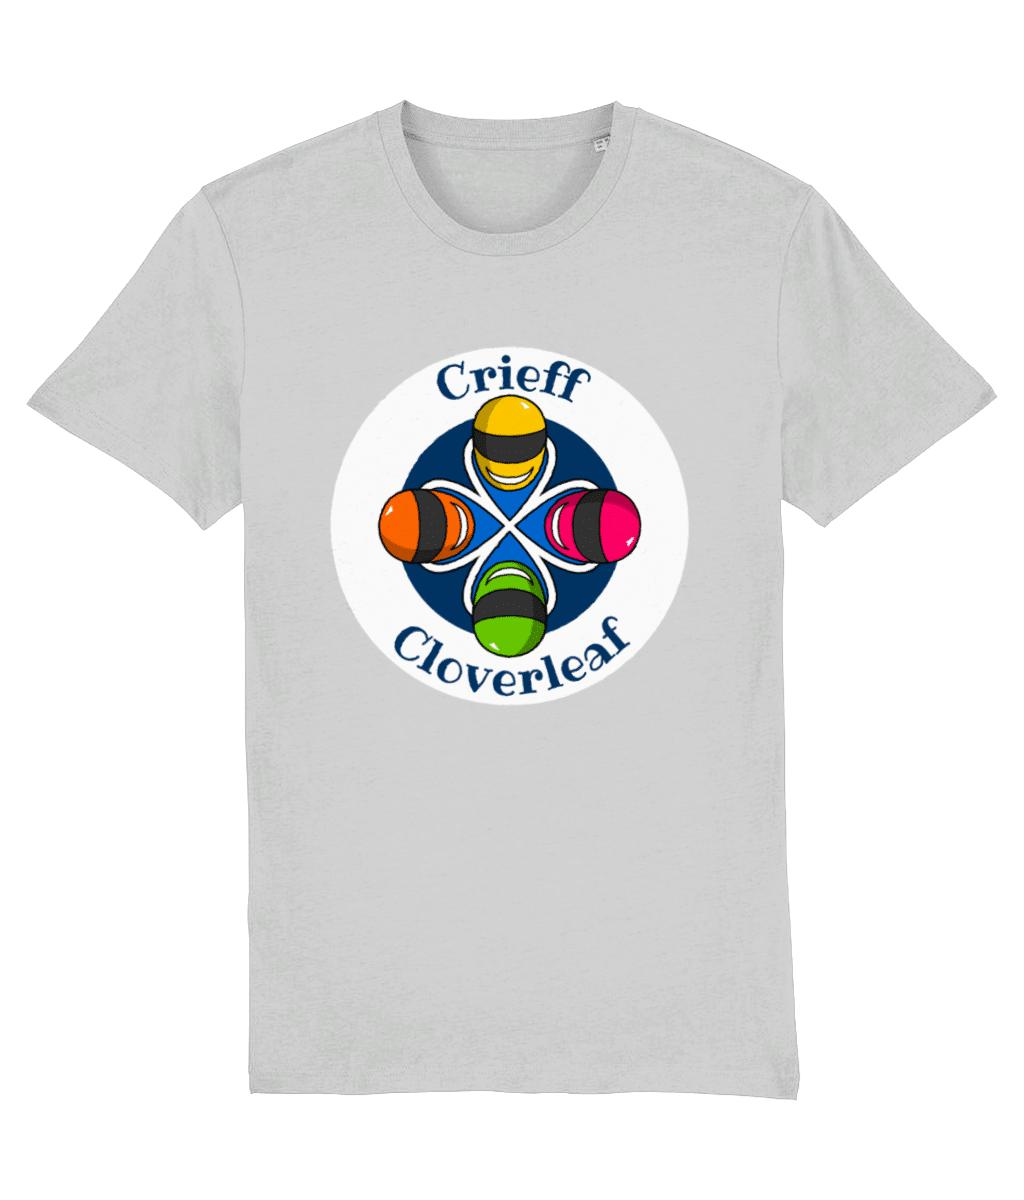 Cloverleaf Stamp – Unisex Tee (Heather Grey)